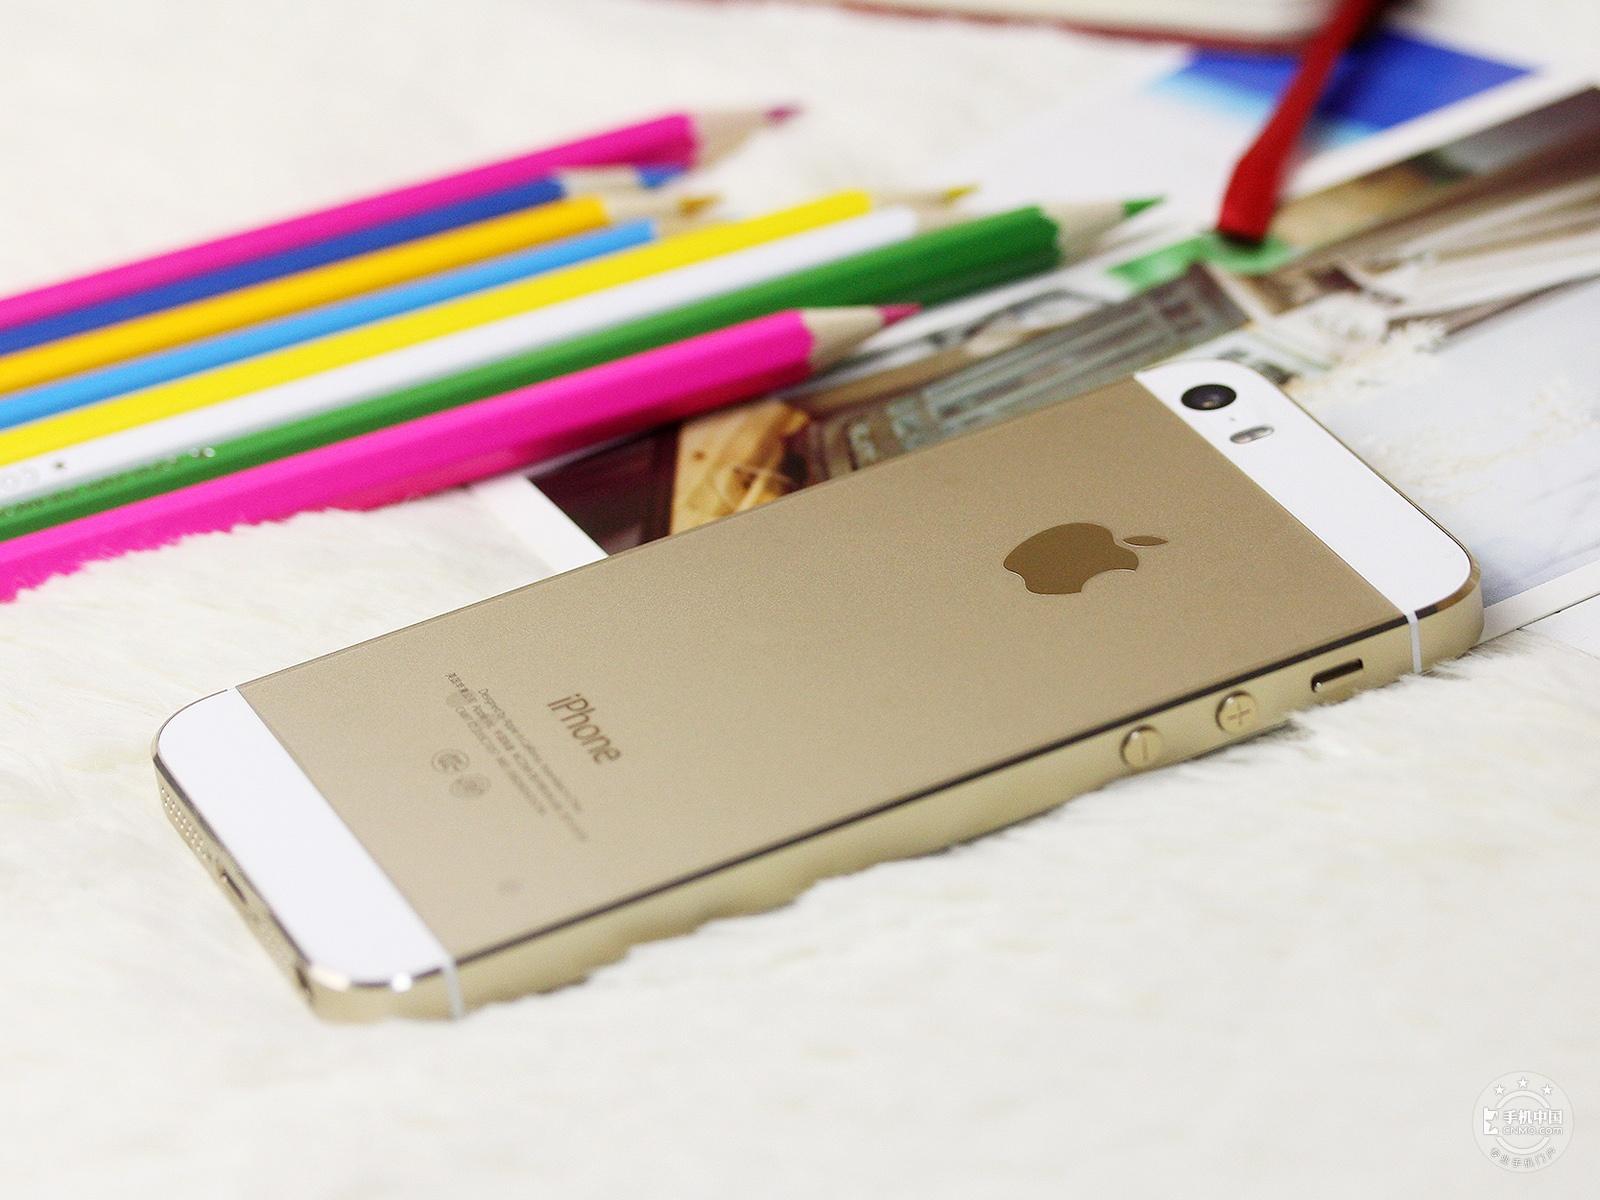 苹果iPhone5s(电信版)整体外观第3张